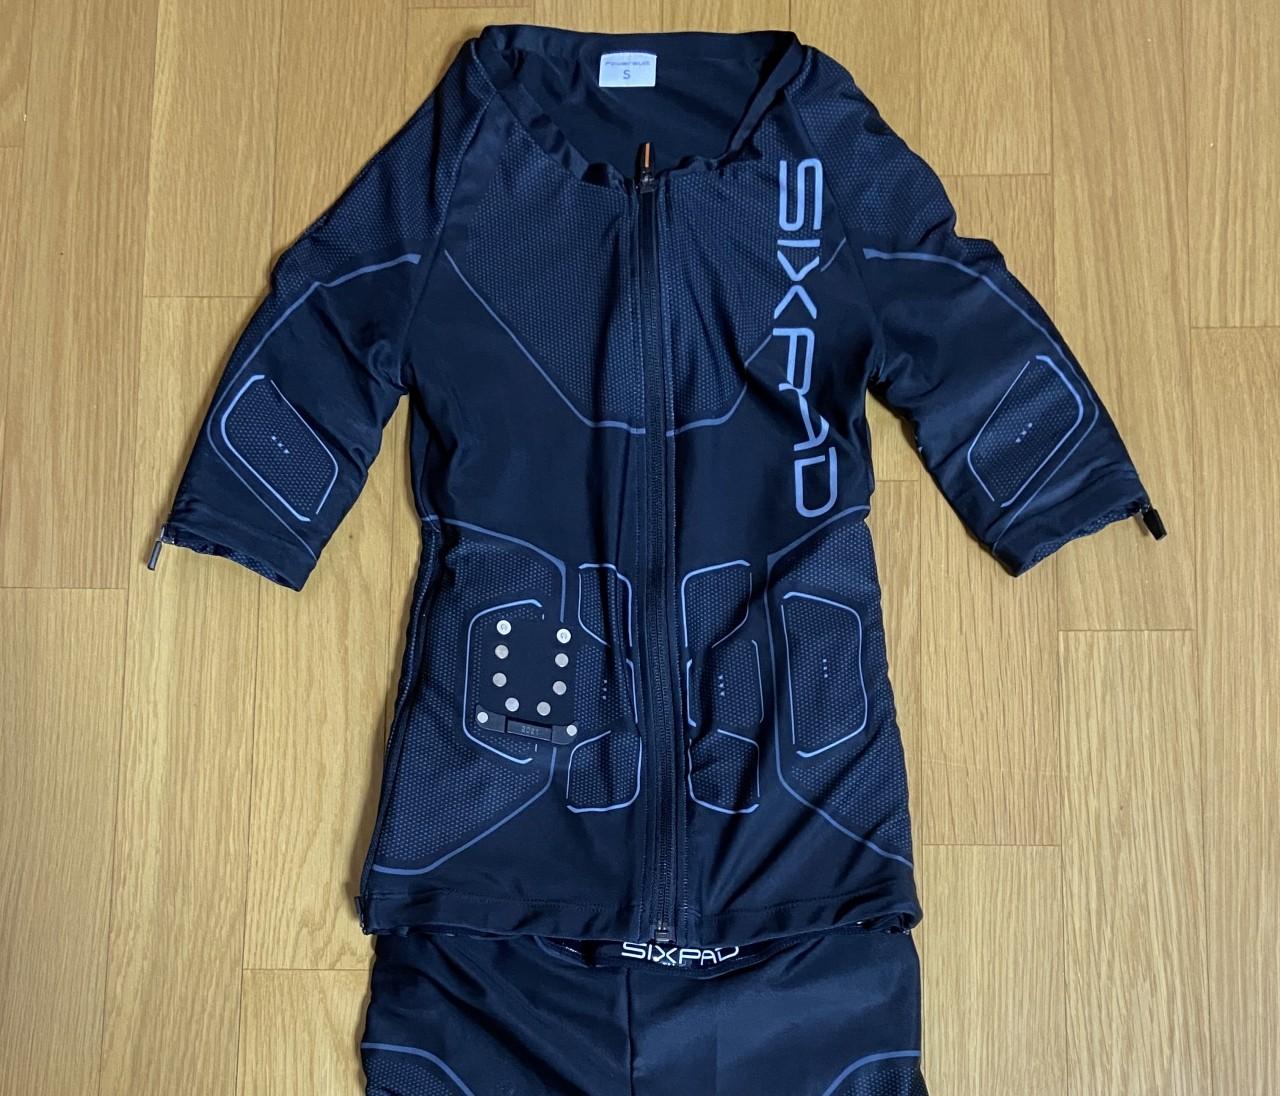 家がジム化?!話題のSIXPAD全身パワースーツを買ってみた